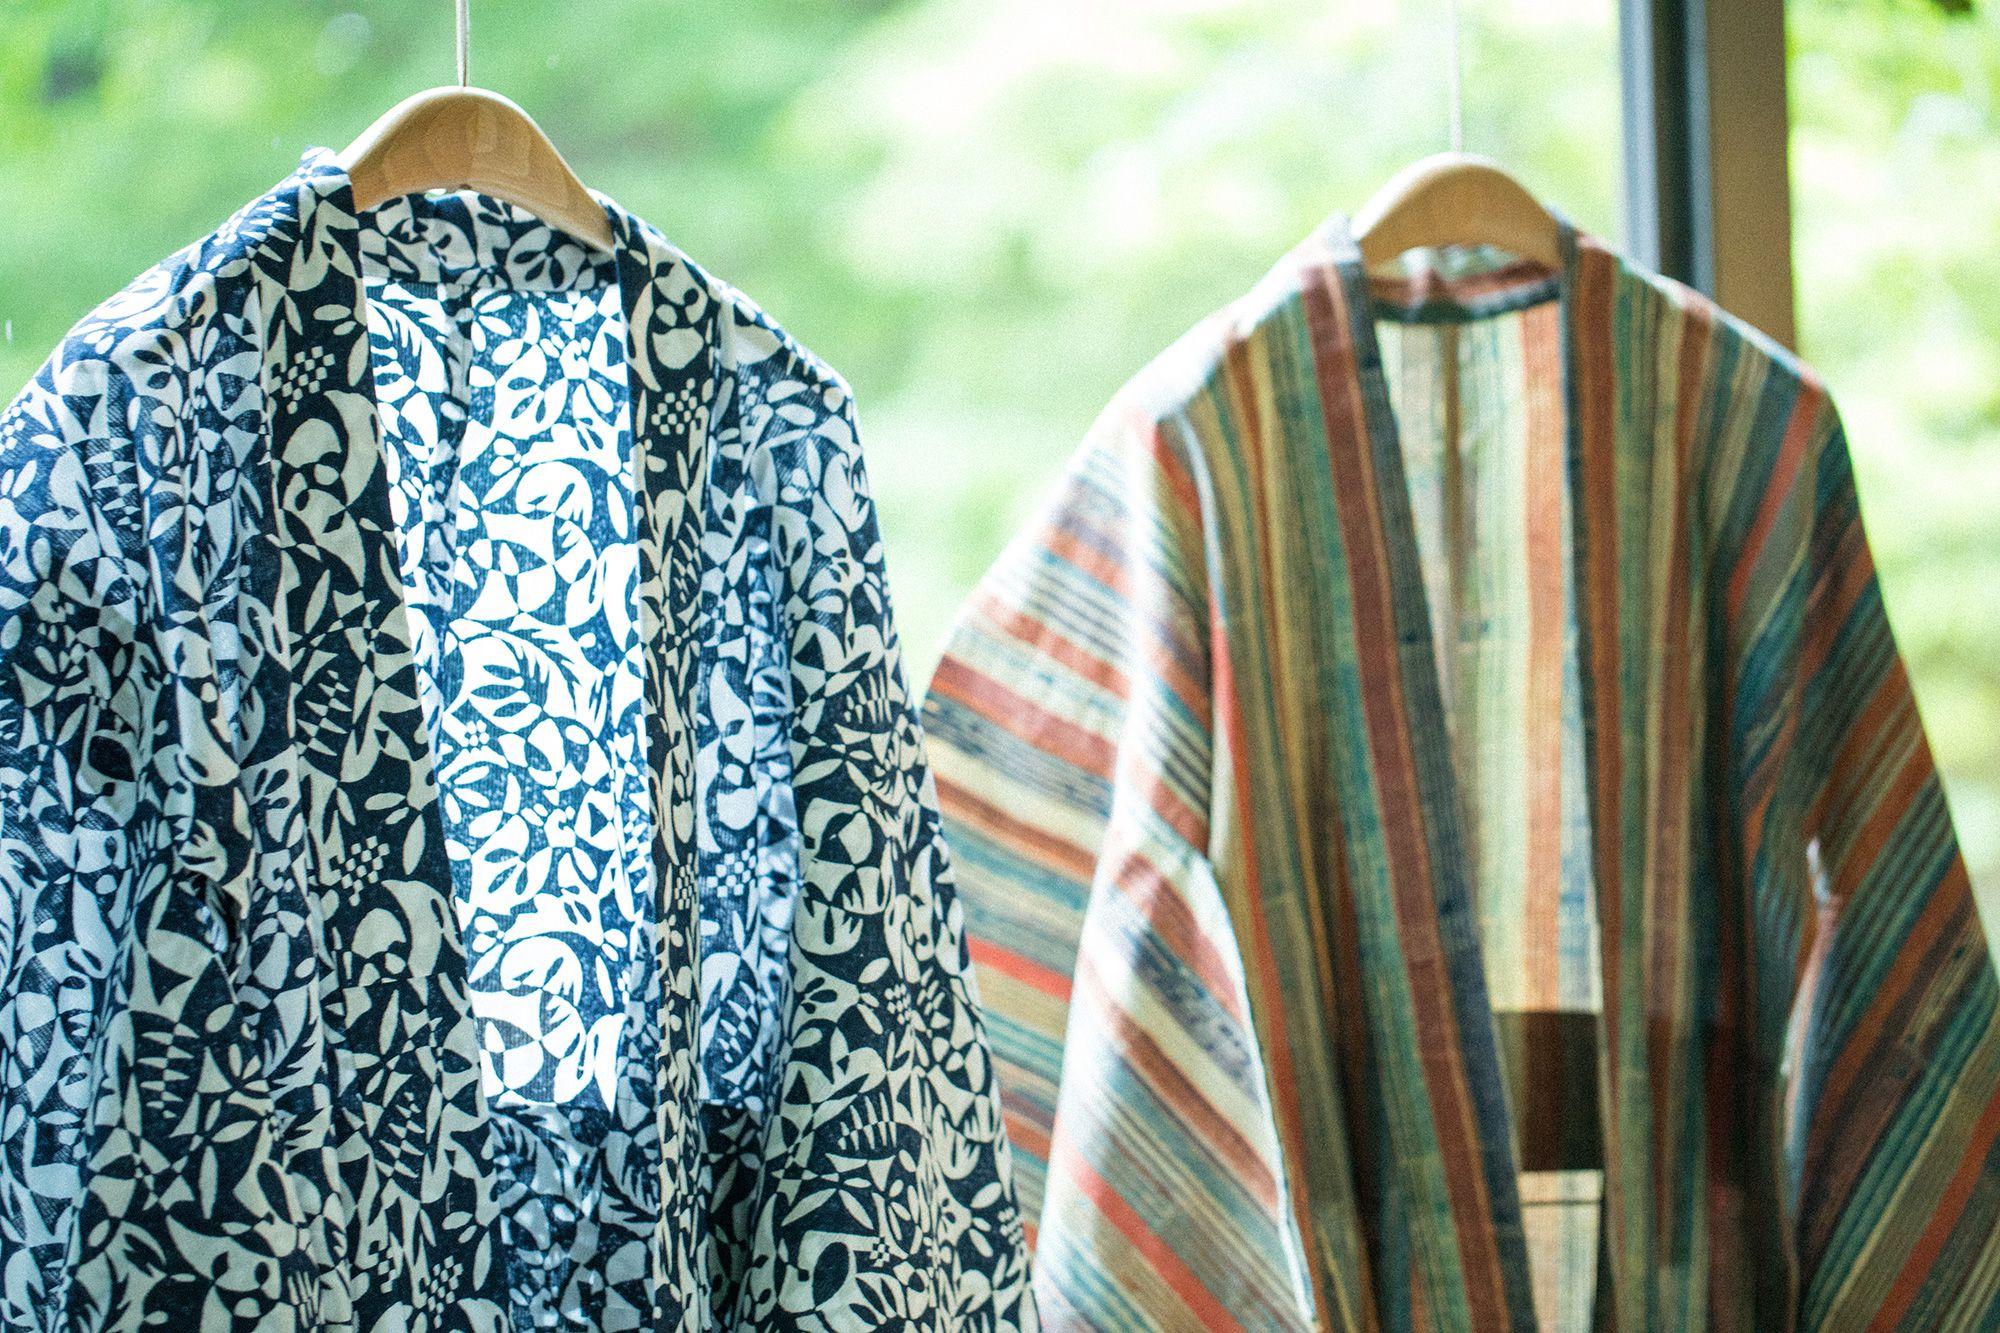 繊細な植物柄や多色使いのストライプにババグーリらしさがあふれる浴衣。ストライプはインドの染色工場で現地の伝統的な草木染めによって、糸から丁寧に染められている。左木版染(反物)56,160円 右木版染(反物)54,000円(すべて税込)